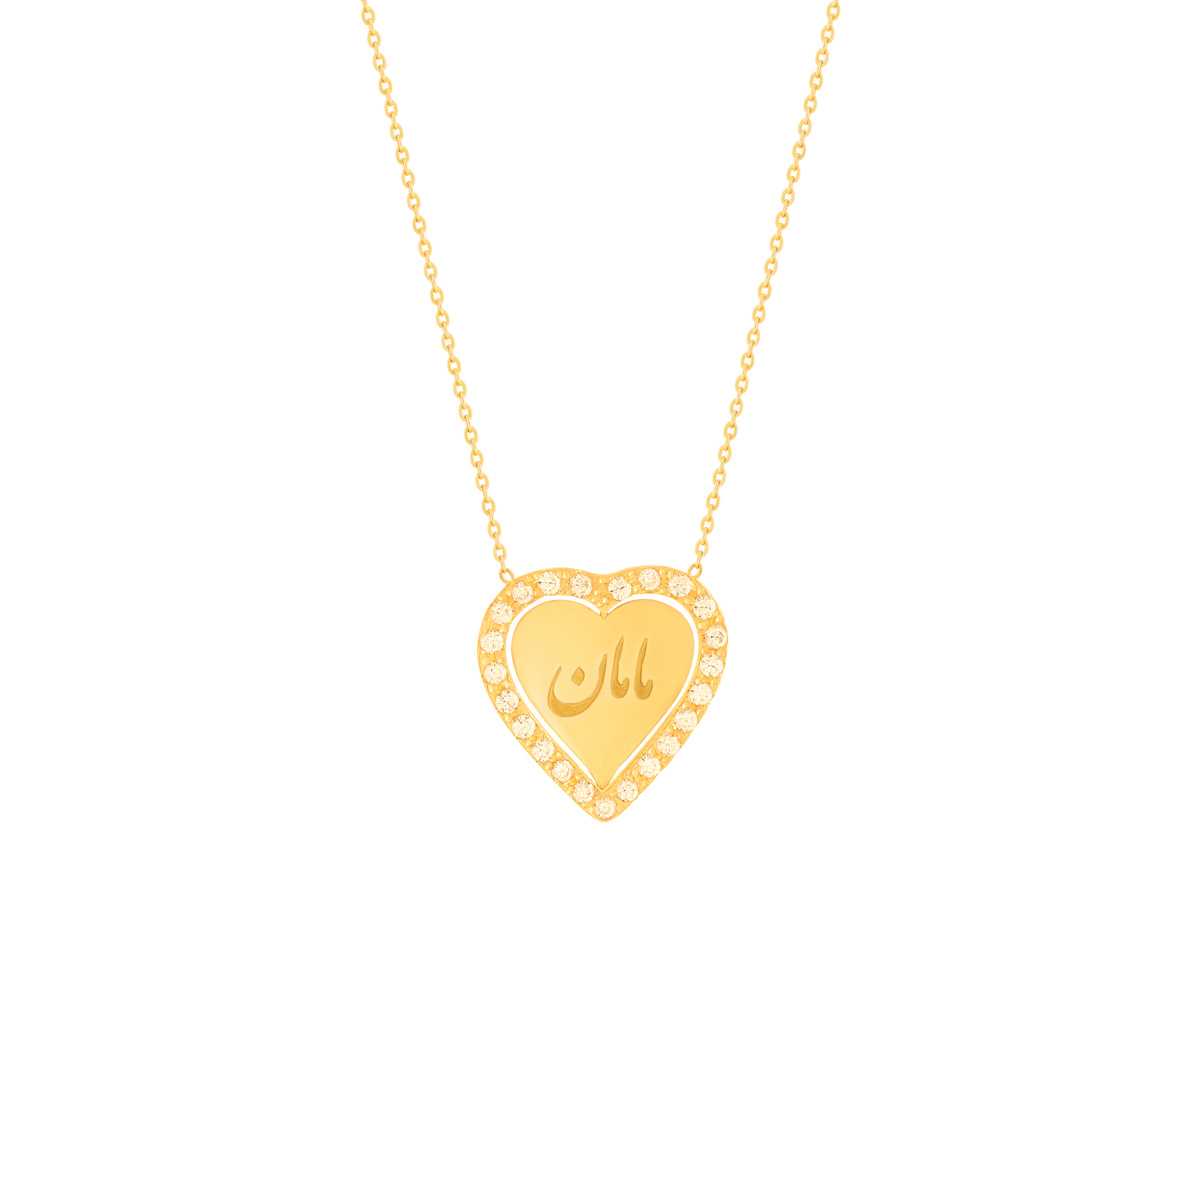 گردنبند طلا قلب متحرک و حکاکی مامان